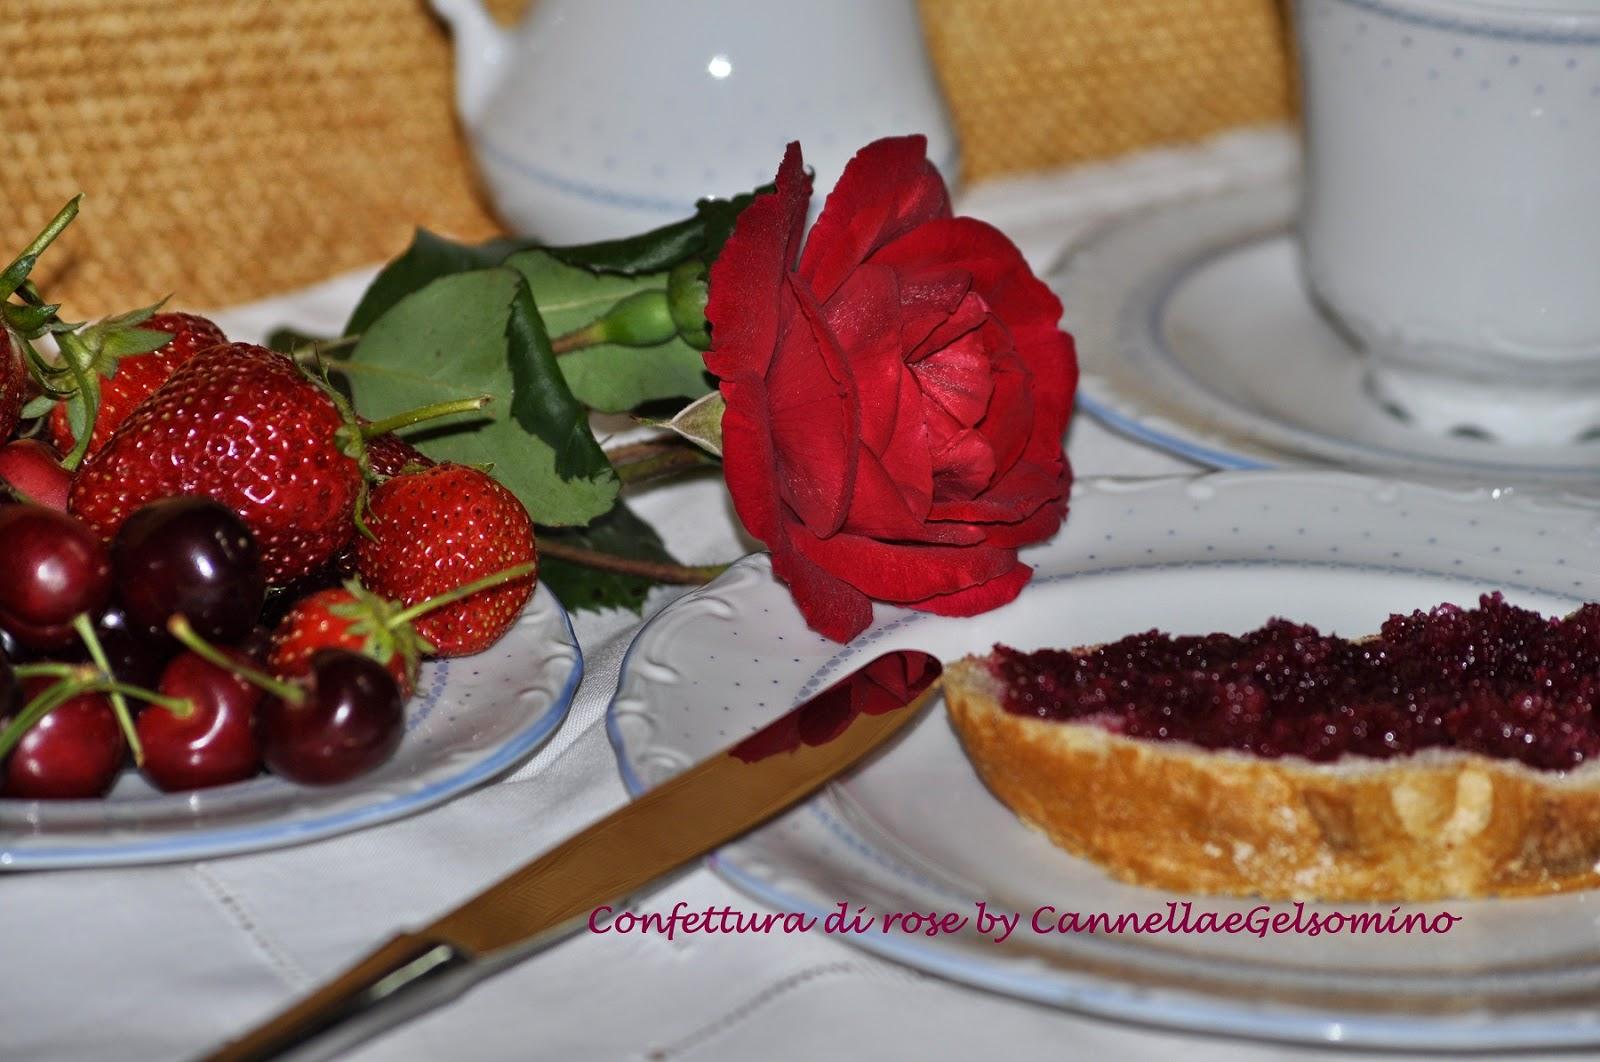 confettura di rose rosse